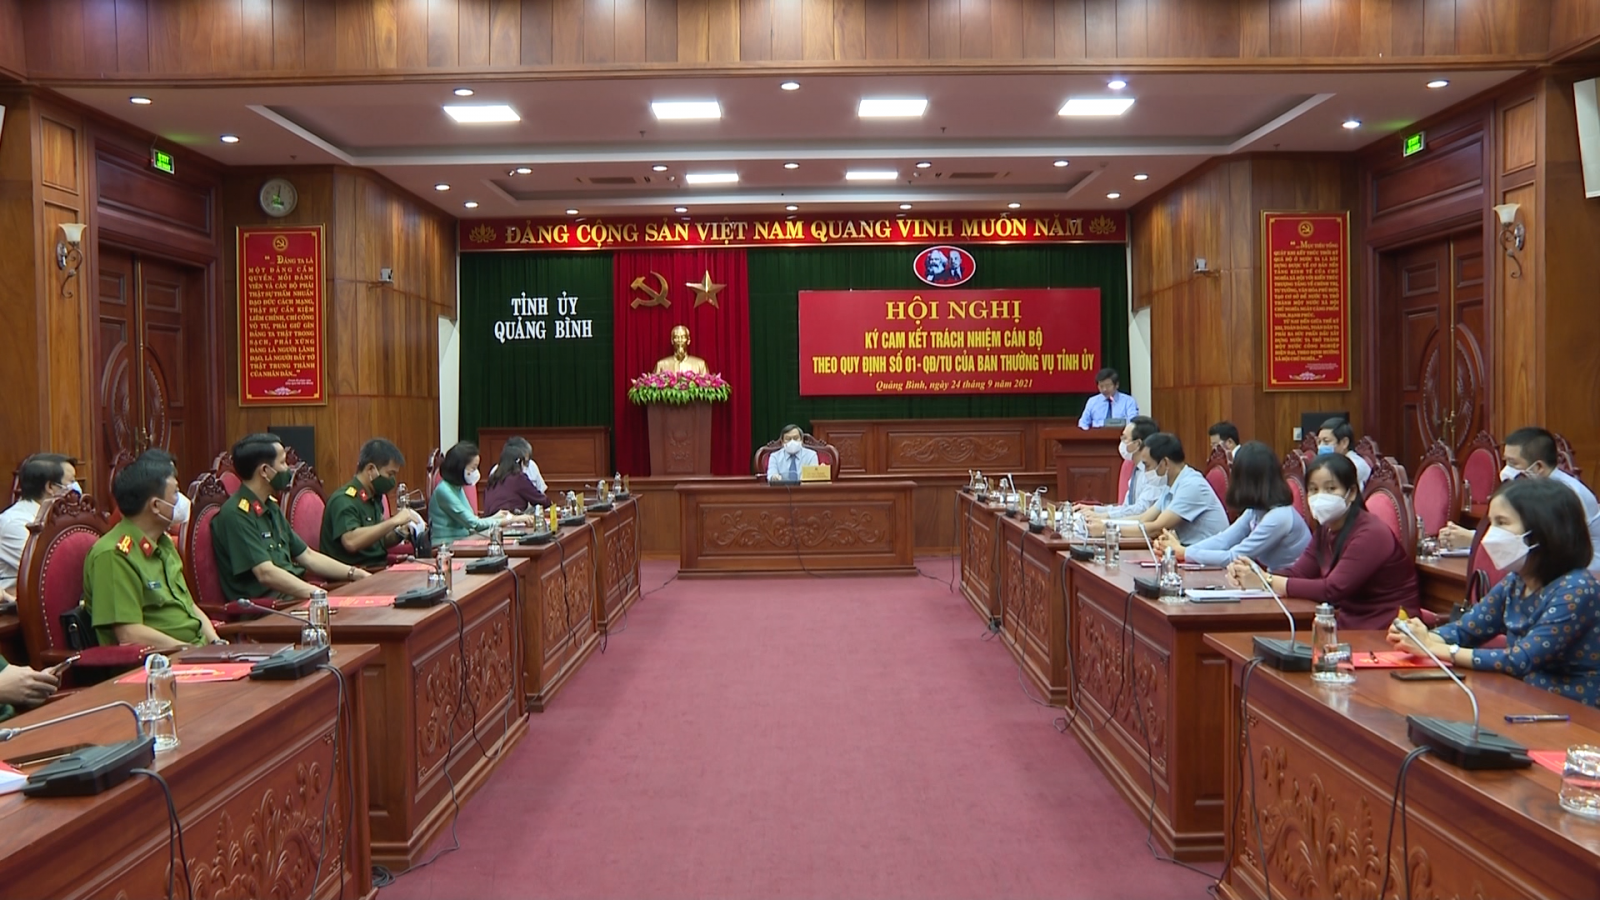 Hội nghị ký cam kết trách nhiệm cán bộ theo Quy định số 01 của Ban Thường vụ Tỉnh ủy